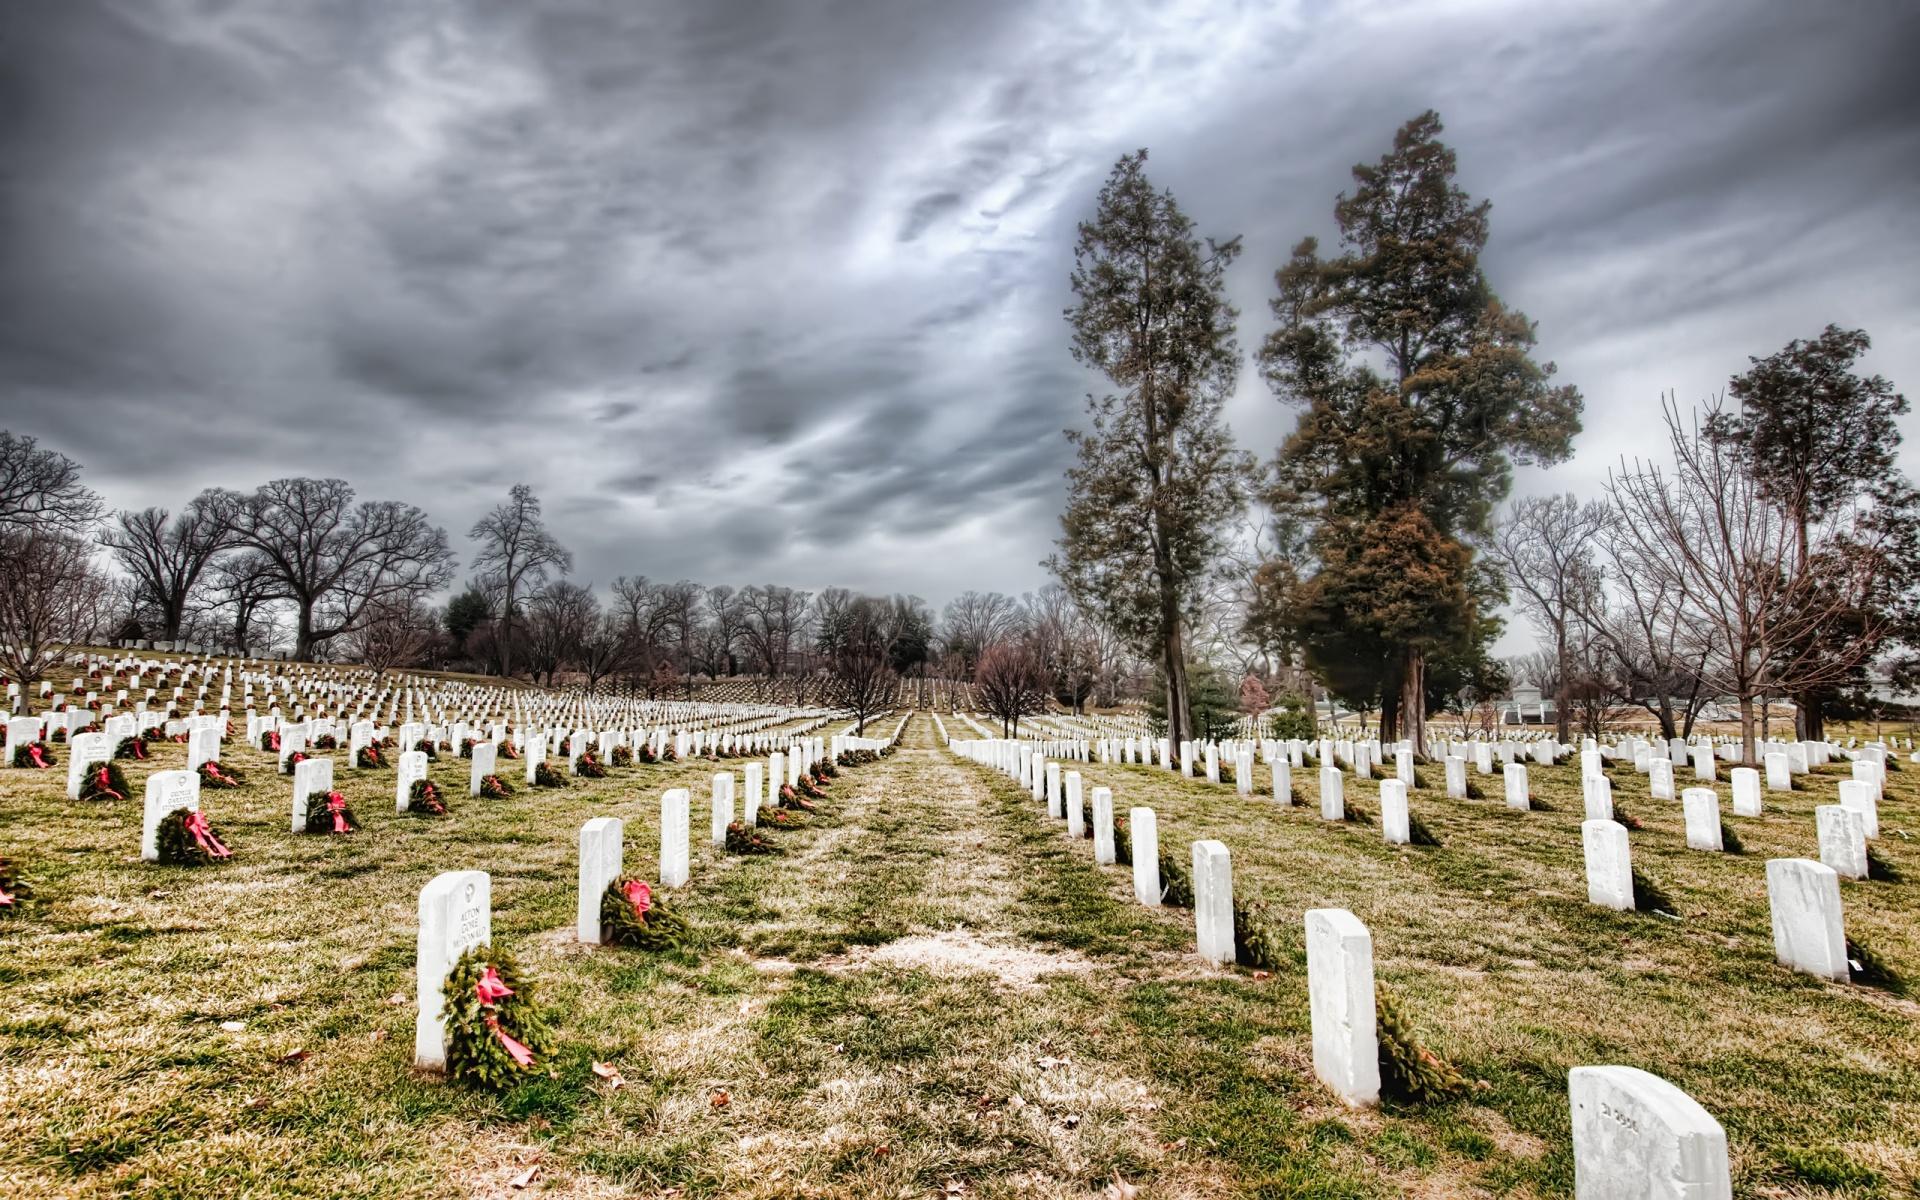 arlington_cemetery_under_cloudy_sky.jpg